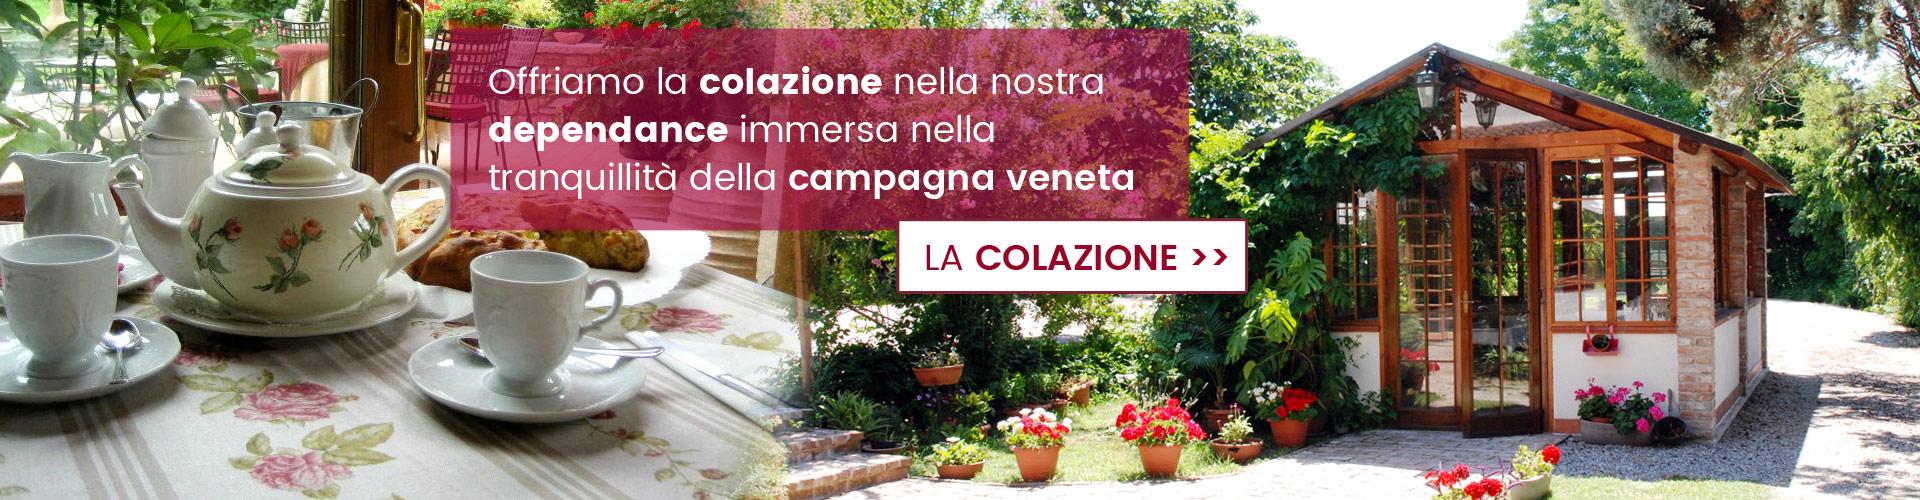 Corte Bussari: Agriturismo nel cuore del Polesine